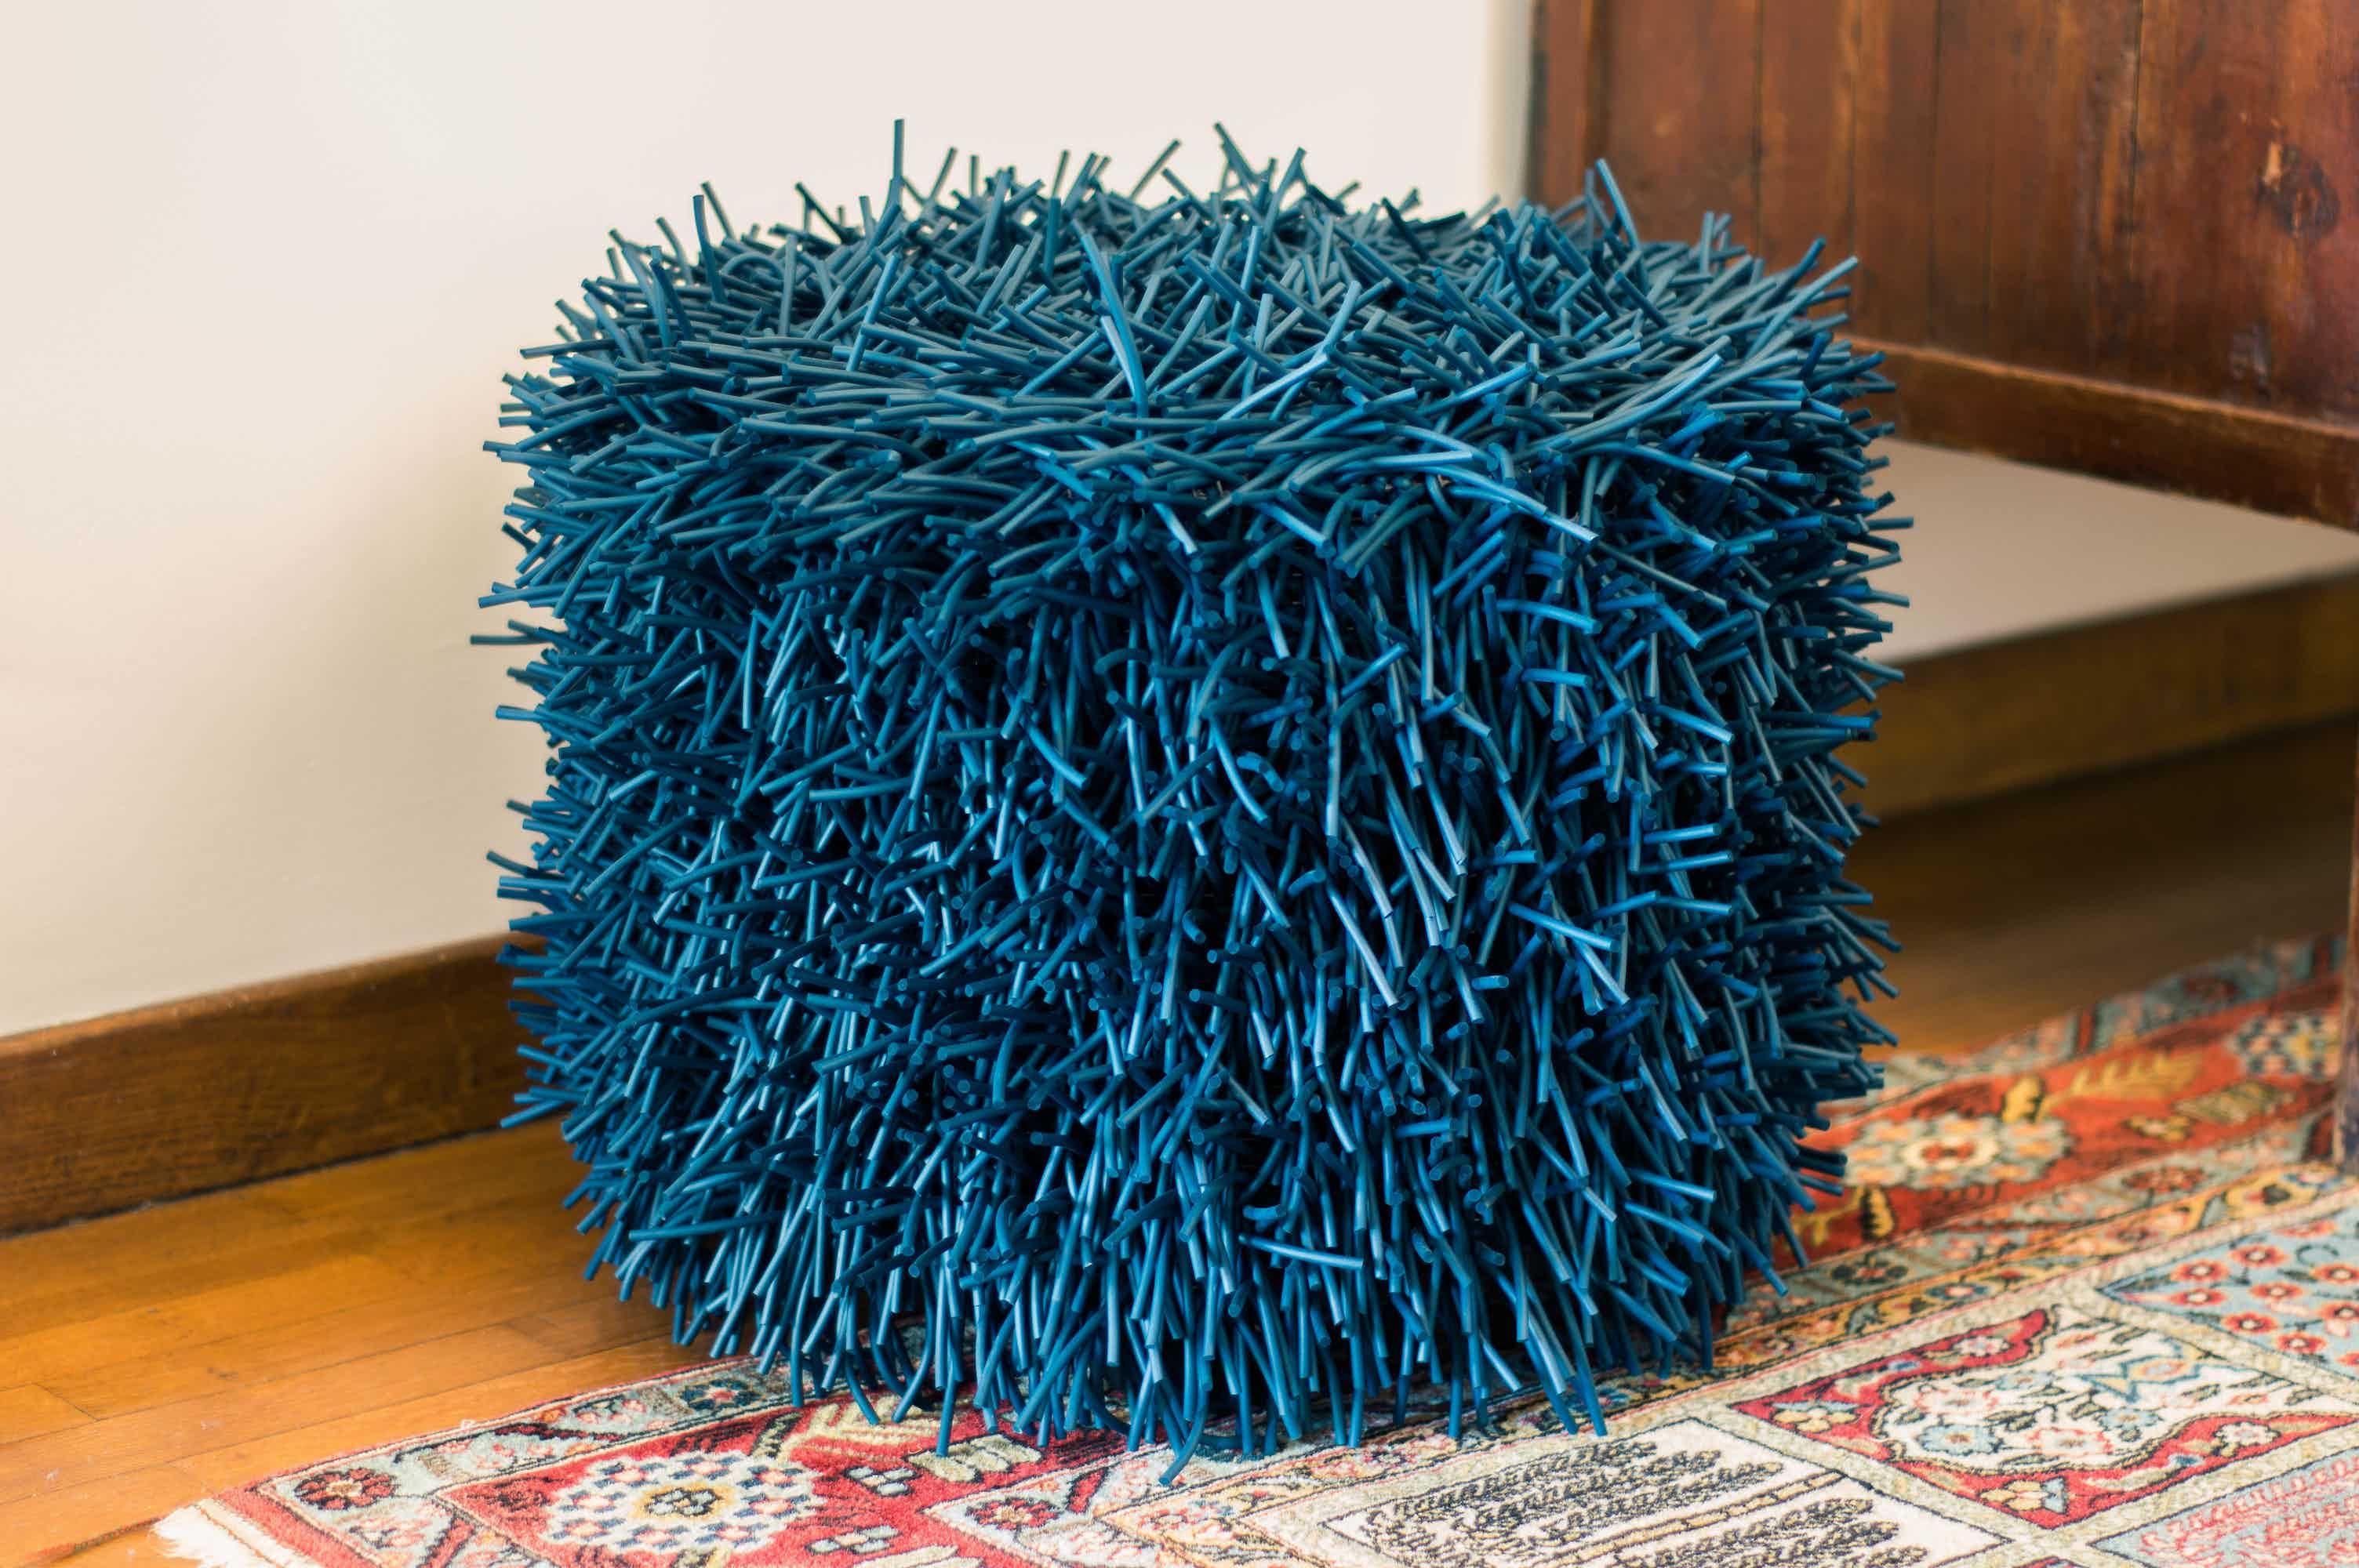 Covo furniture front rebels rc03 institu haute living